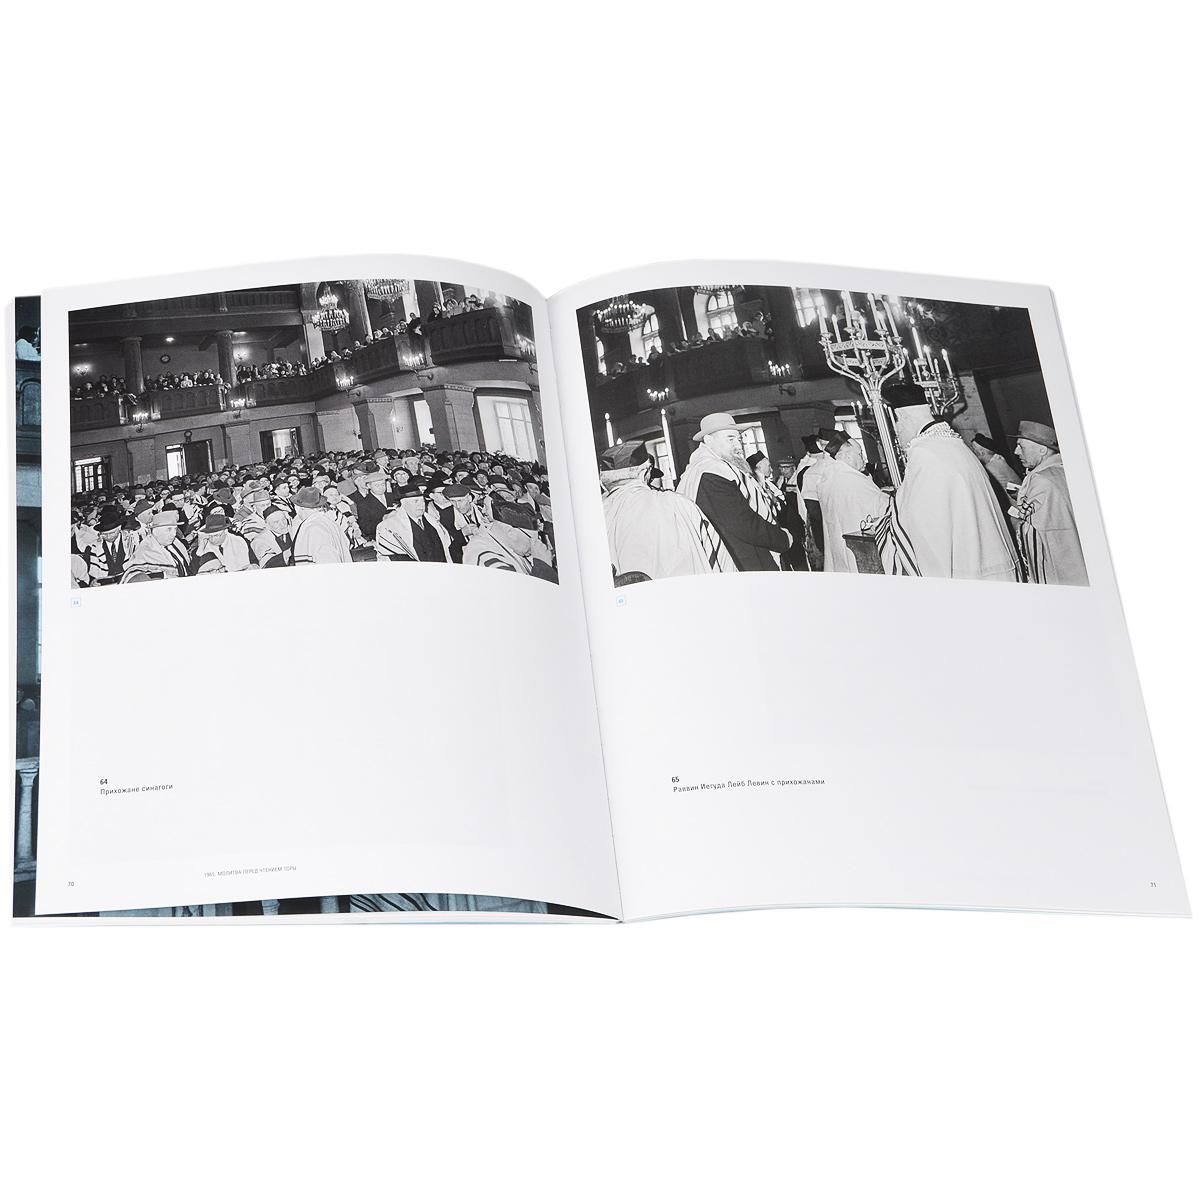 Эммануил Евзерихин. Фотографии, которых не было. Из собрания Sepherot Foundation (Liechtenstein)